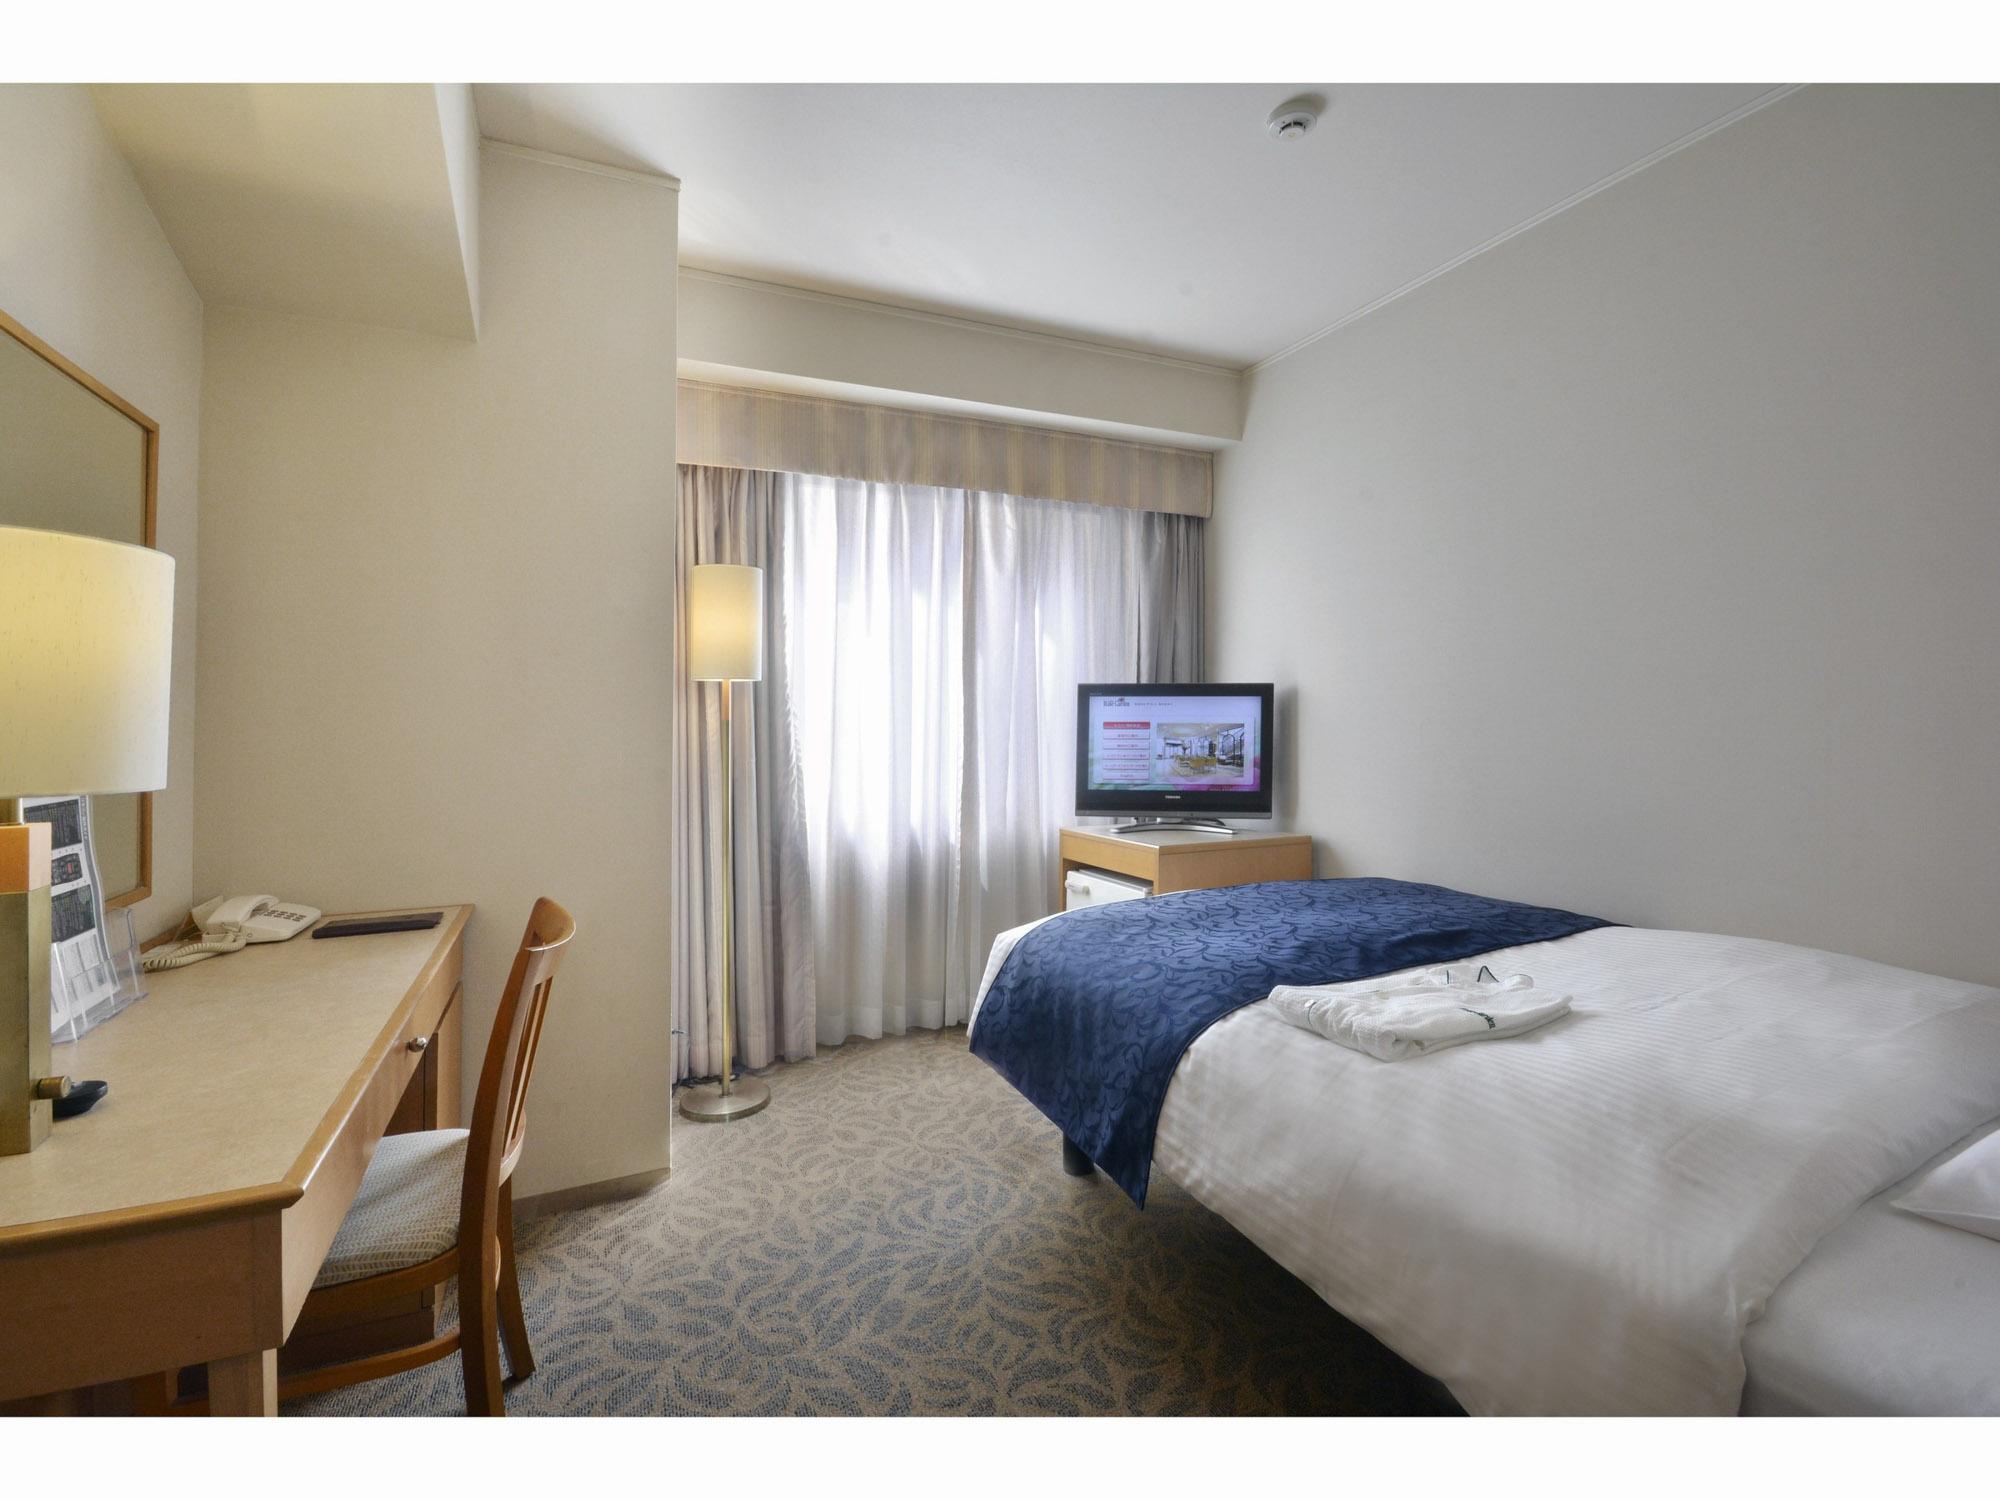 お部屋は一人暮らしに十分なサイズ、家具・家電があって、すぐにでも生活をスタート可能。